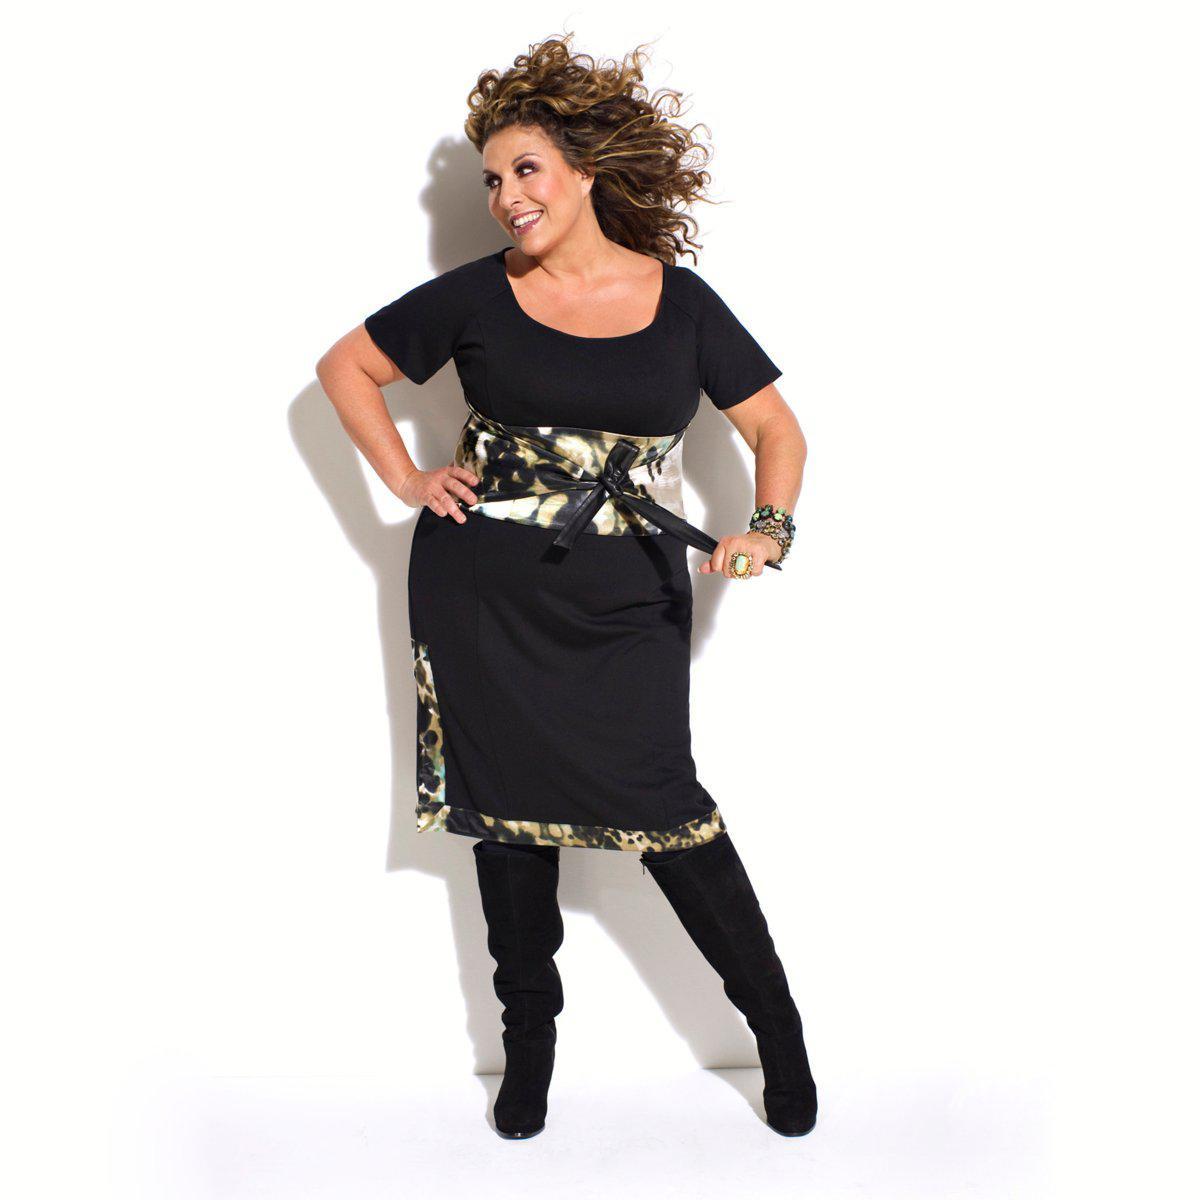 2500afde1546 Βραδυνα Φορεματα Plus Size Φθινόπωρο Χειμώνας 2011 κωδ. 324228165